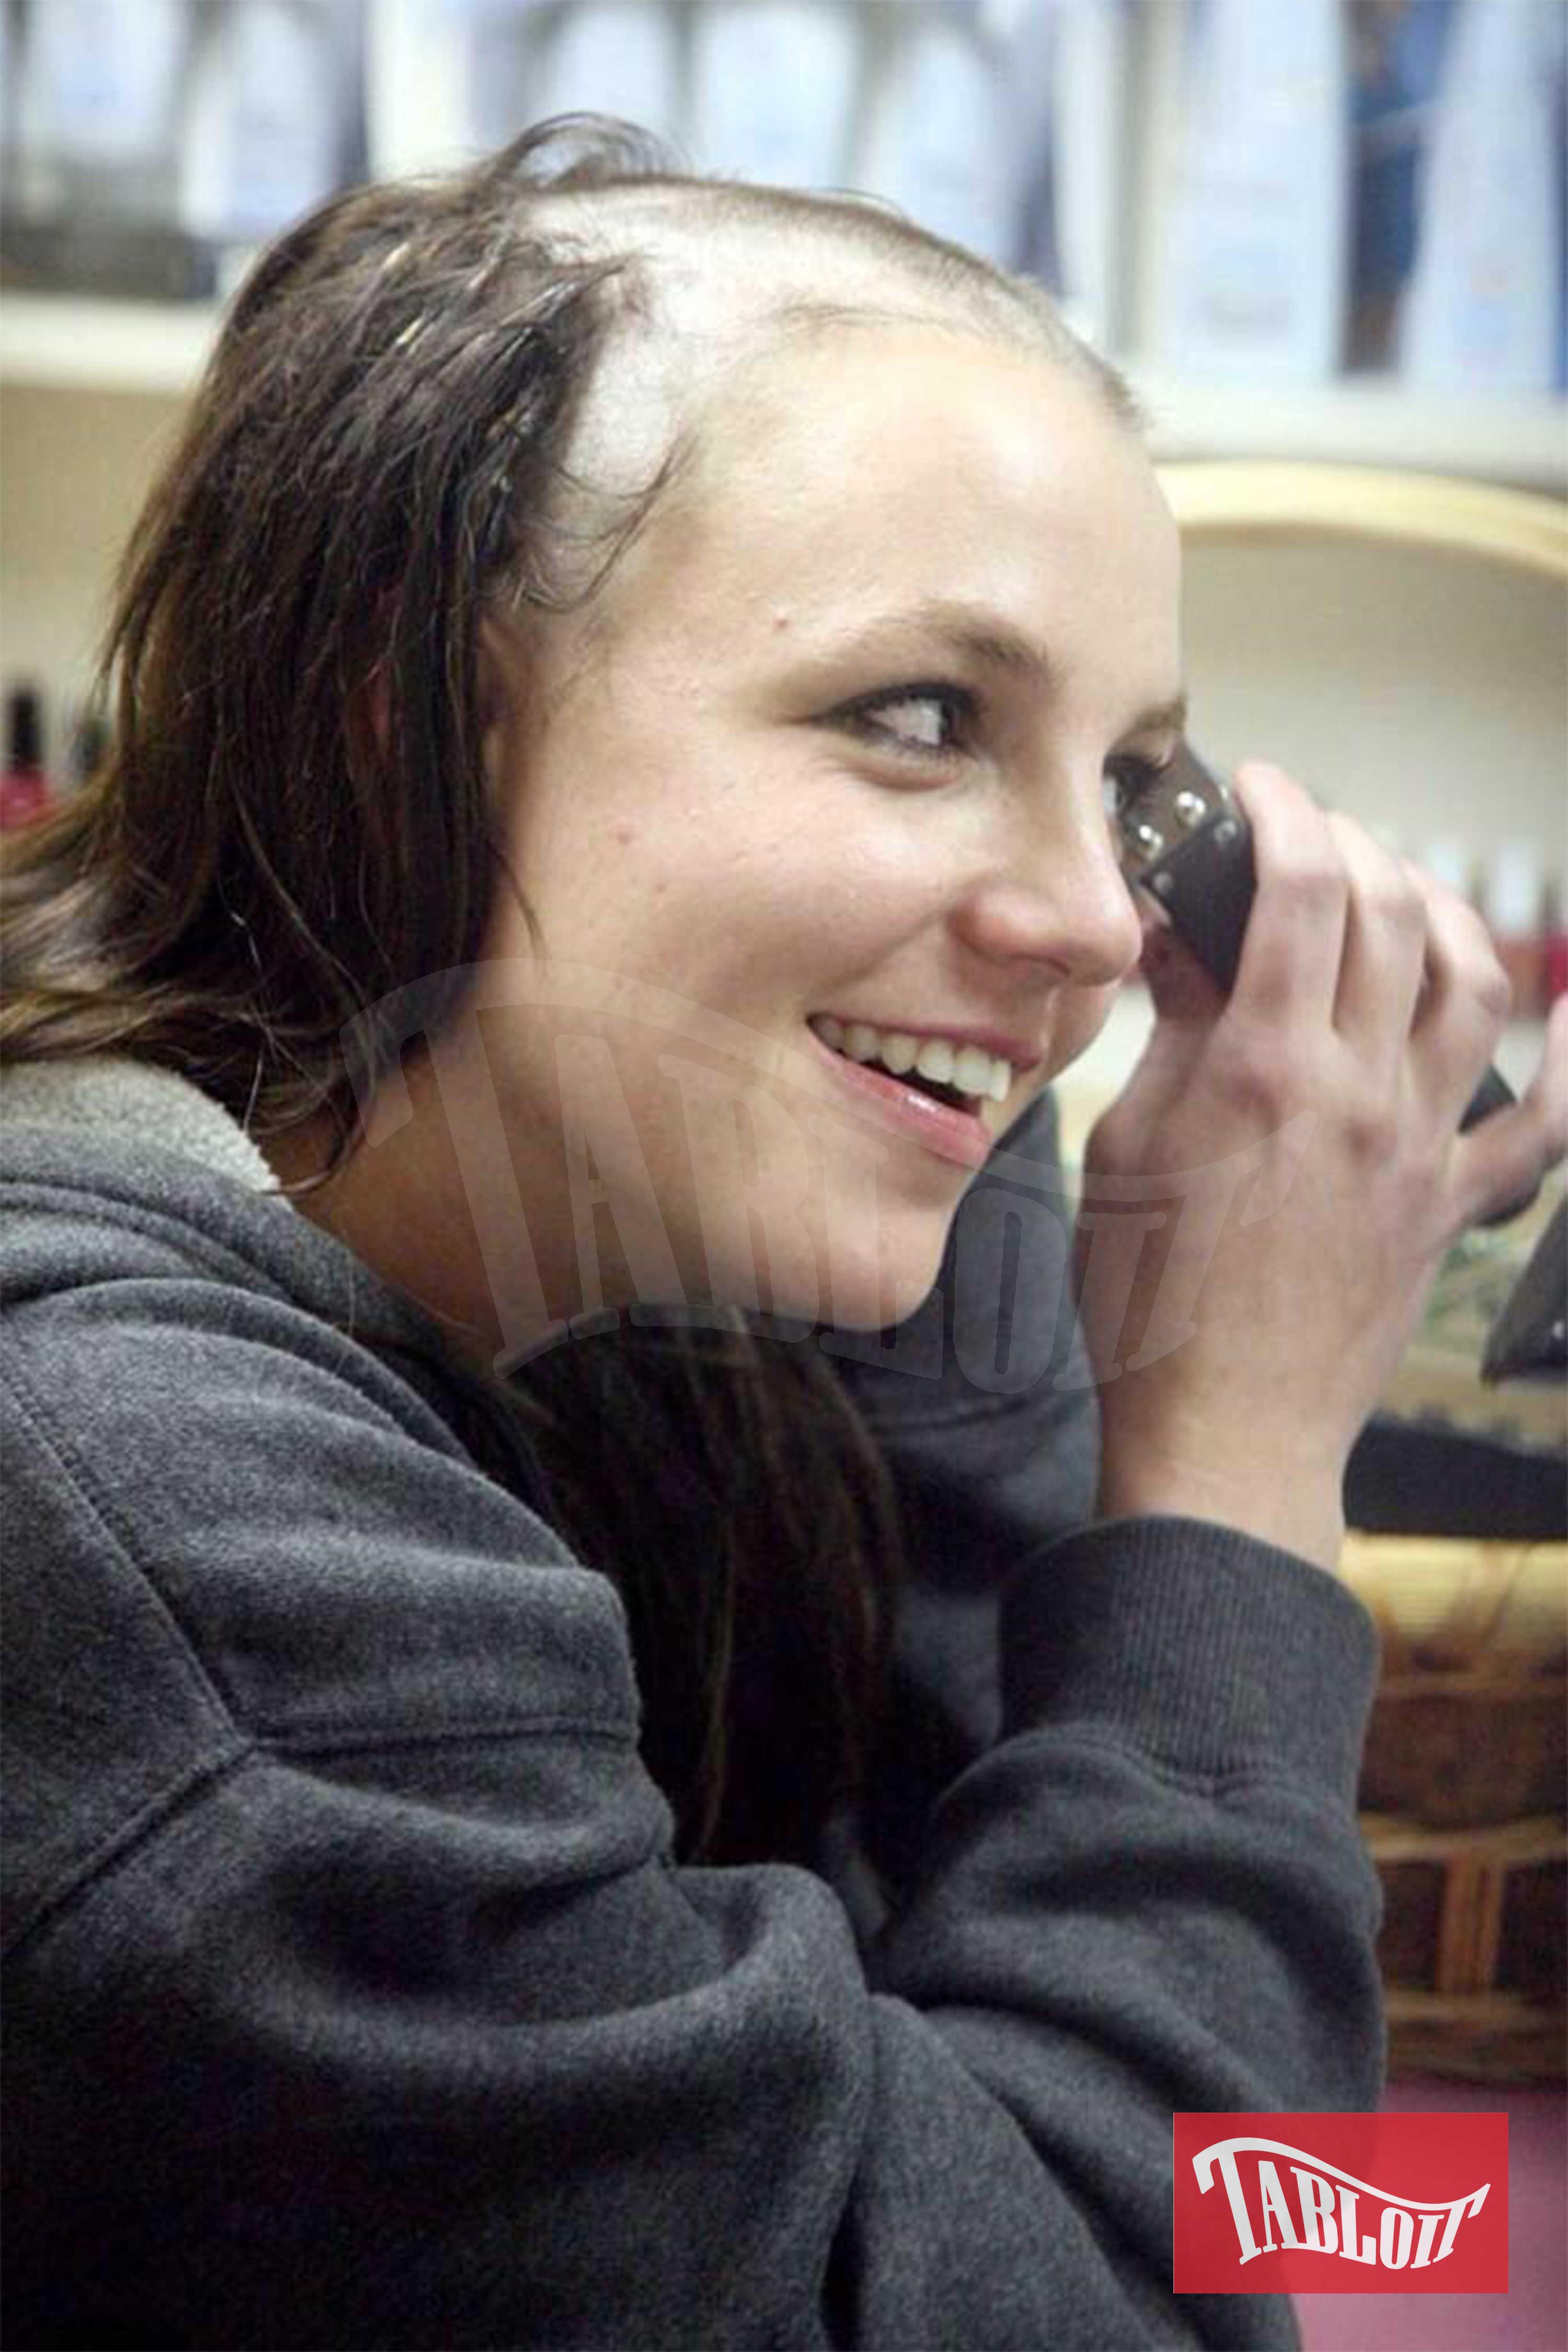 L'immagine, diventata tristemente nota, risale al 2007. Britney entrò in una clinica di riabilitazione dalle droghe ad Antigua, ma dopo un giorno si recò, in stato confusionale, da un parrucchiere di Los Angeles e gli chiese di rasarla. Dopo il rifiuto da parte del parrucchiere Britney prese un rasoio elettrico e si tagliò completamente i capelli. La foto della sua testa rasata fece il giro del mondo